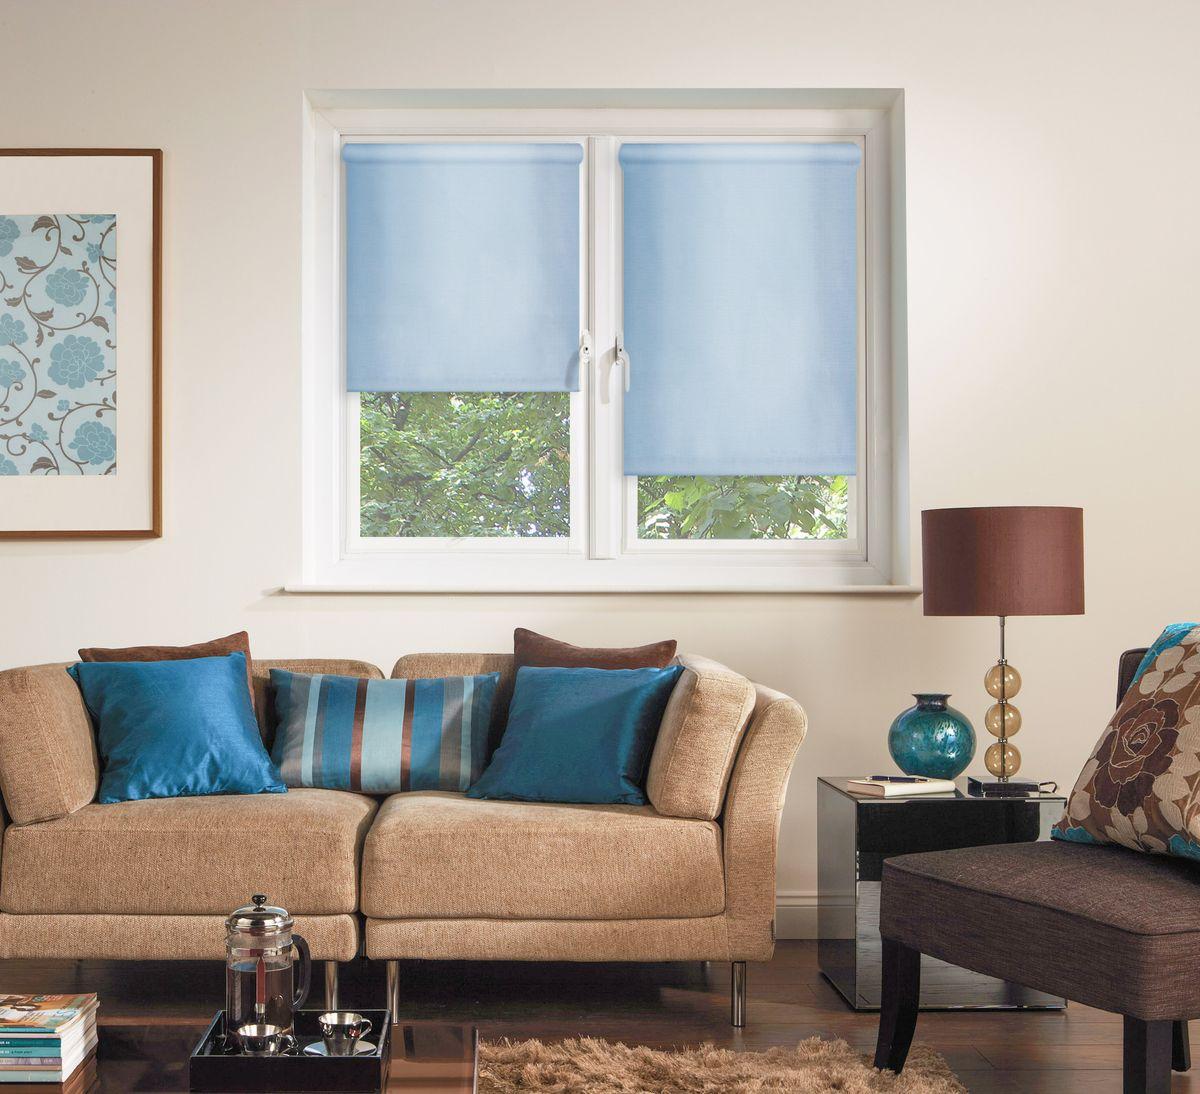 Штора рулонная Эскар Миниролло, цвет: голубой, ширина 43 см, высота 170 смIRK-503Рулонная штора Эскар Миниролло выполнена из высокопрочной ткани, которая сохраняет свой размер даже при намокании. Ткань не выцветает и обладает отличной цветоустойчивостью.Миниролло - это подвид рулонных штор, который закрывает не весь оконный проем, а непосредственно само стекло. Такие шторы крепятся на раму без сверления при помощи зажимов или клейкой двухсторонней ленты (в комплекте). Окно остается на гарантии, благодаря монтажу без сверления. Такая штора станет прекрасным элементом декора окна и гармонично впишется в интерьер любого помещения.